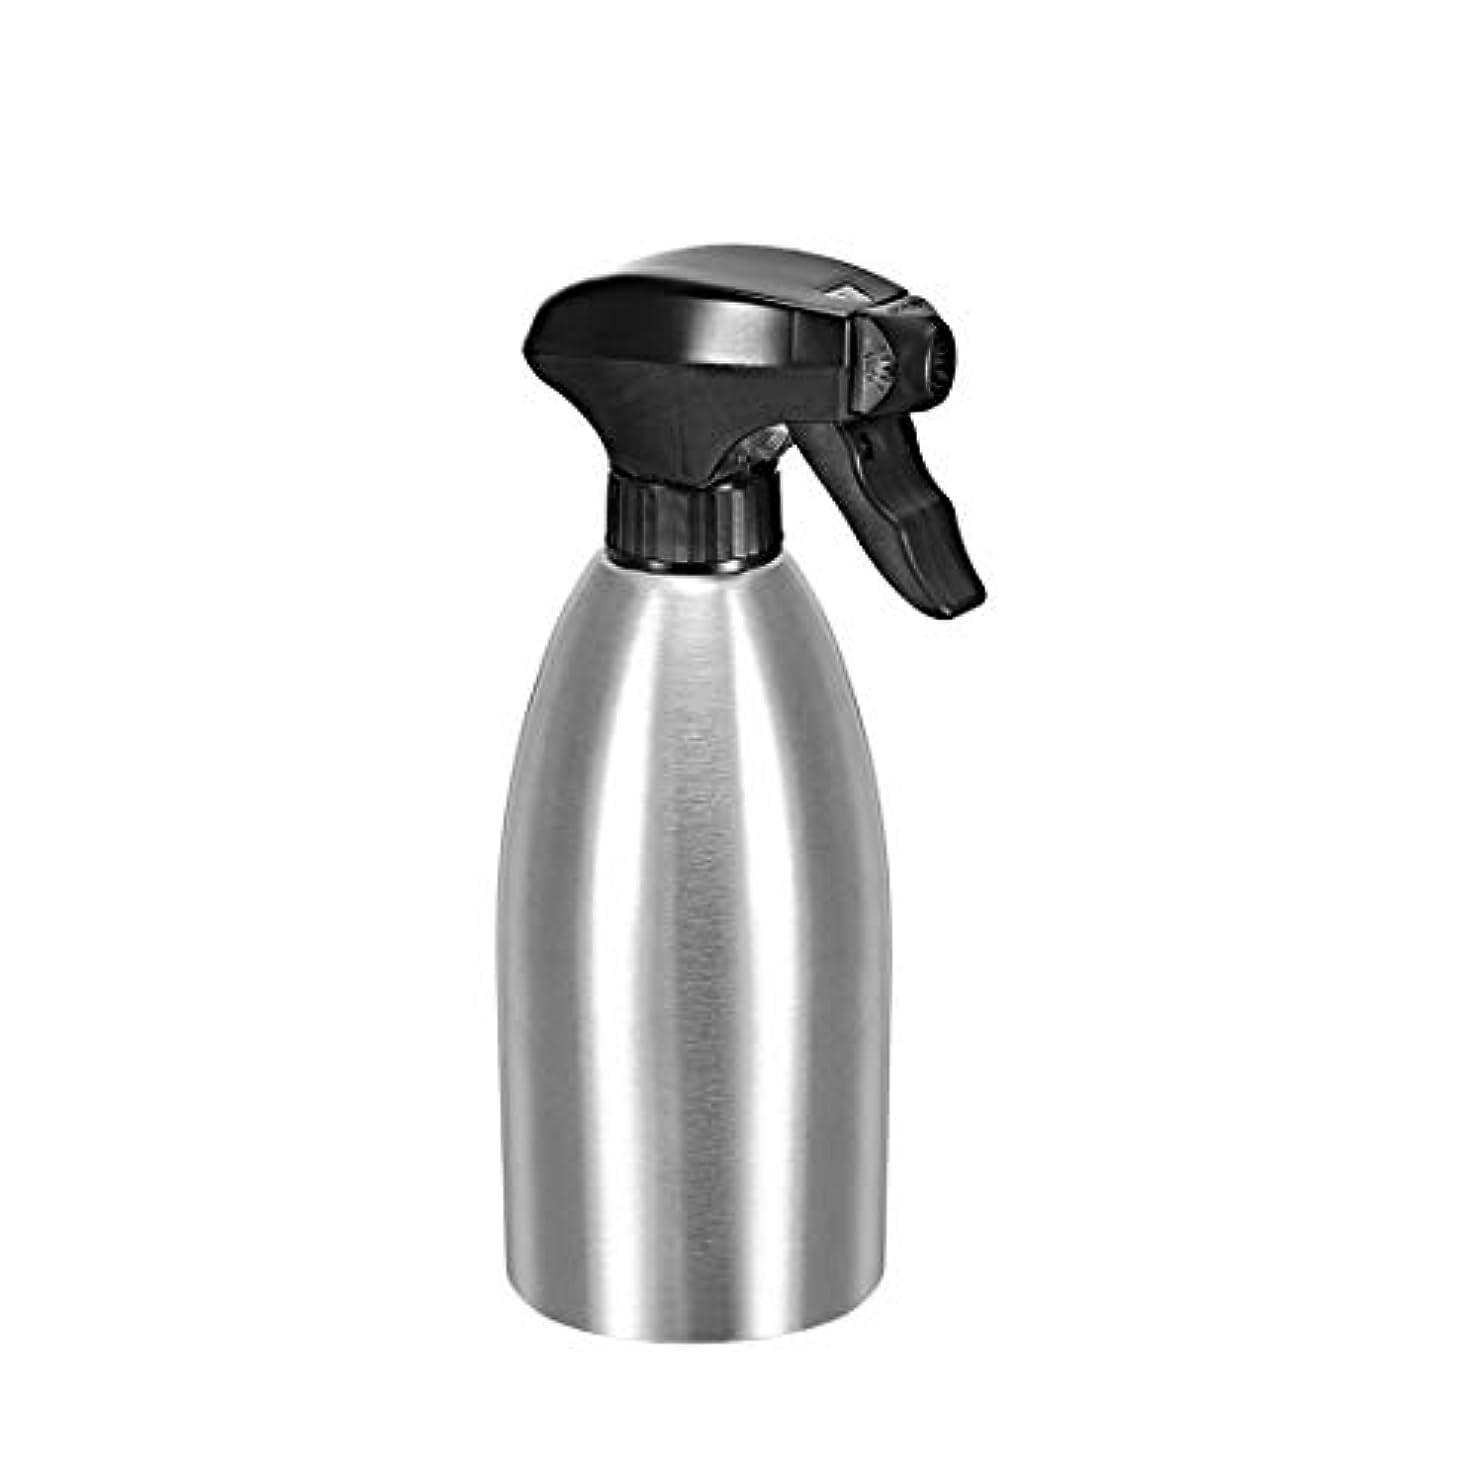 させる葉を拾う広いuxcell オリーブオイル噴霧器ディスペンサー 304ステンレス鋼 詰め替えボトル バーベキュー 料理 揚げ物およびグリル用